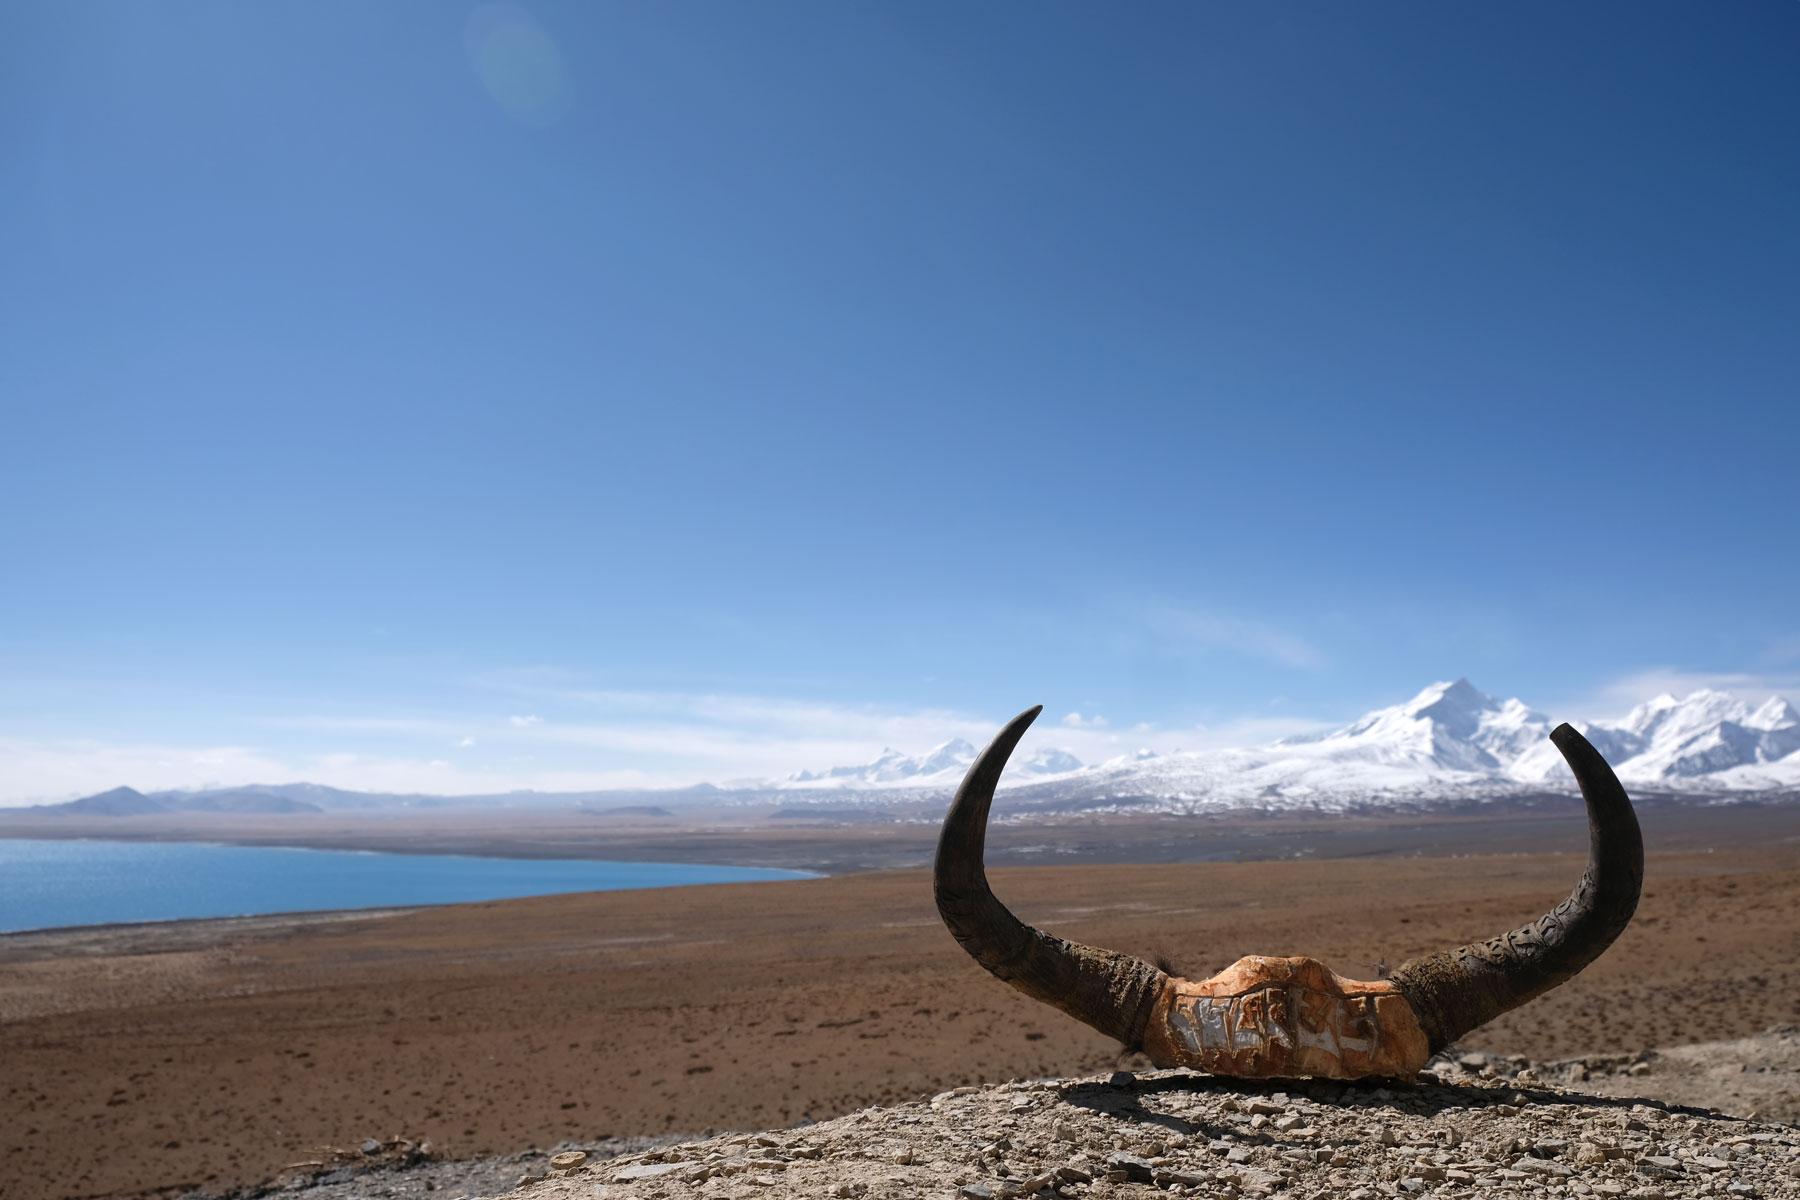 Hörner liegen auf einem Stein vor einem See im tibetischen Hochland.